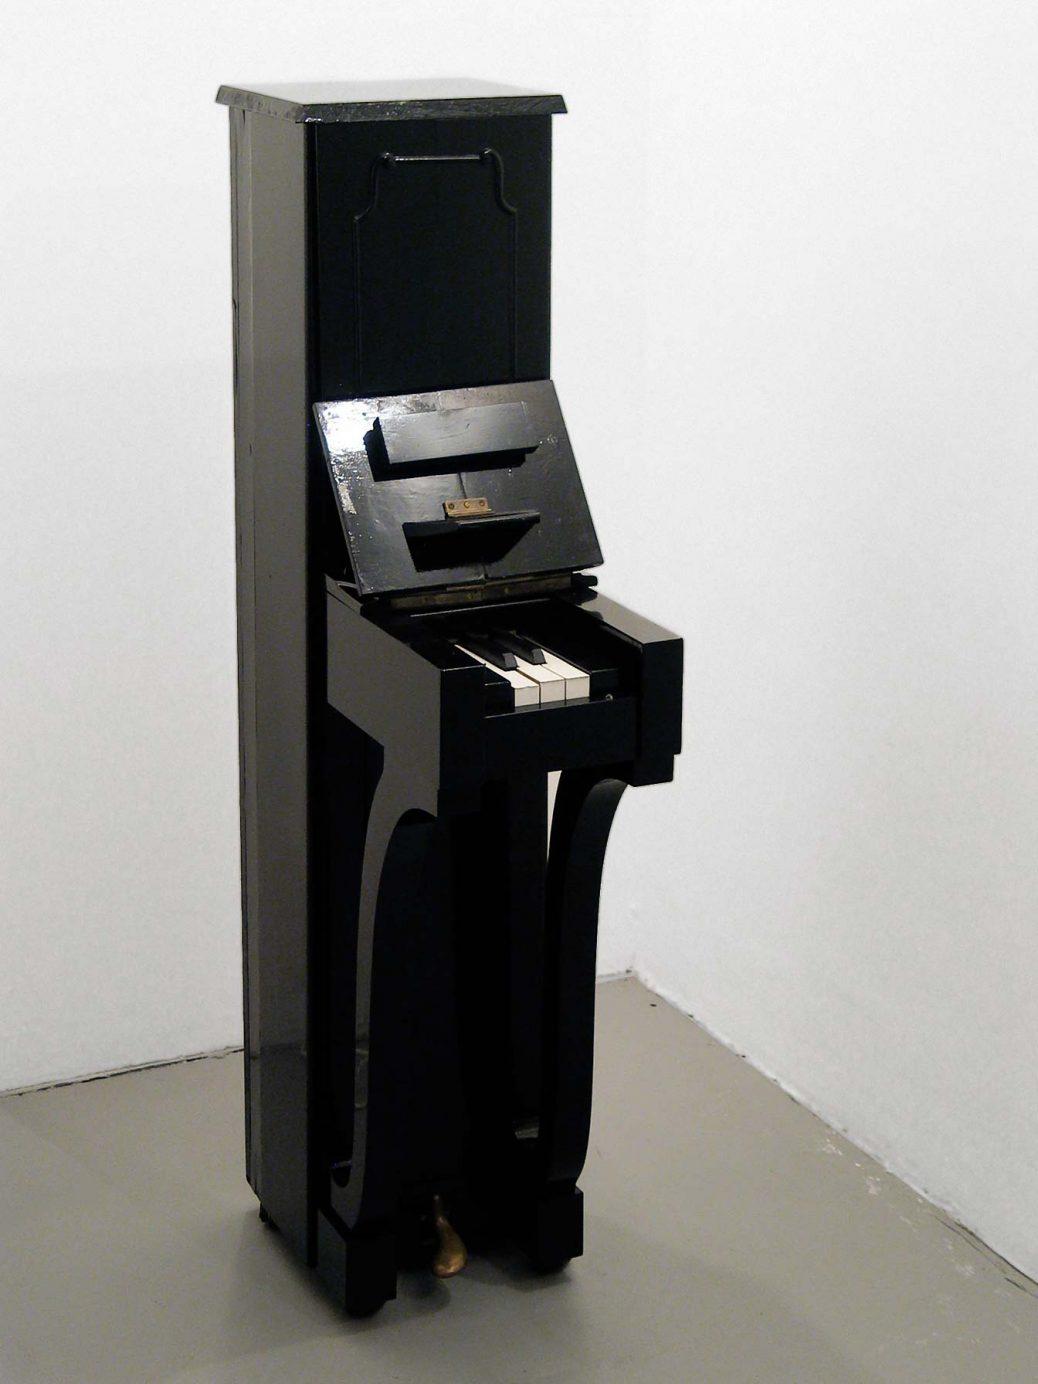 Piano, smalt piano med tre vita och två svarta tangenter, skulptur av Björn Perborg.